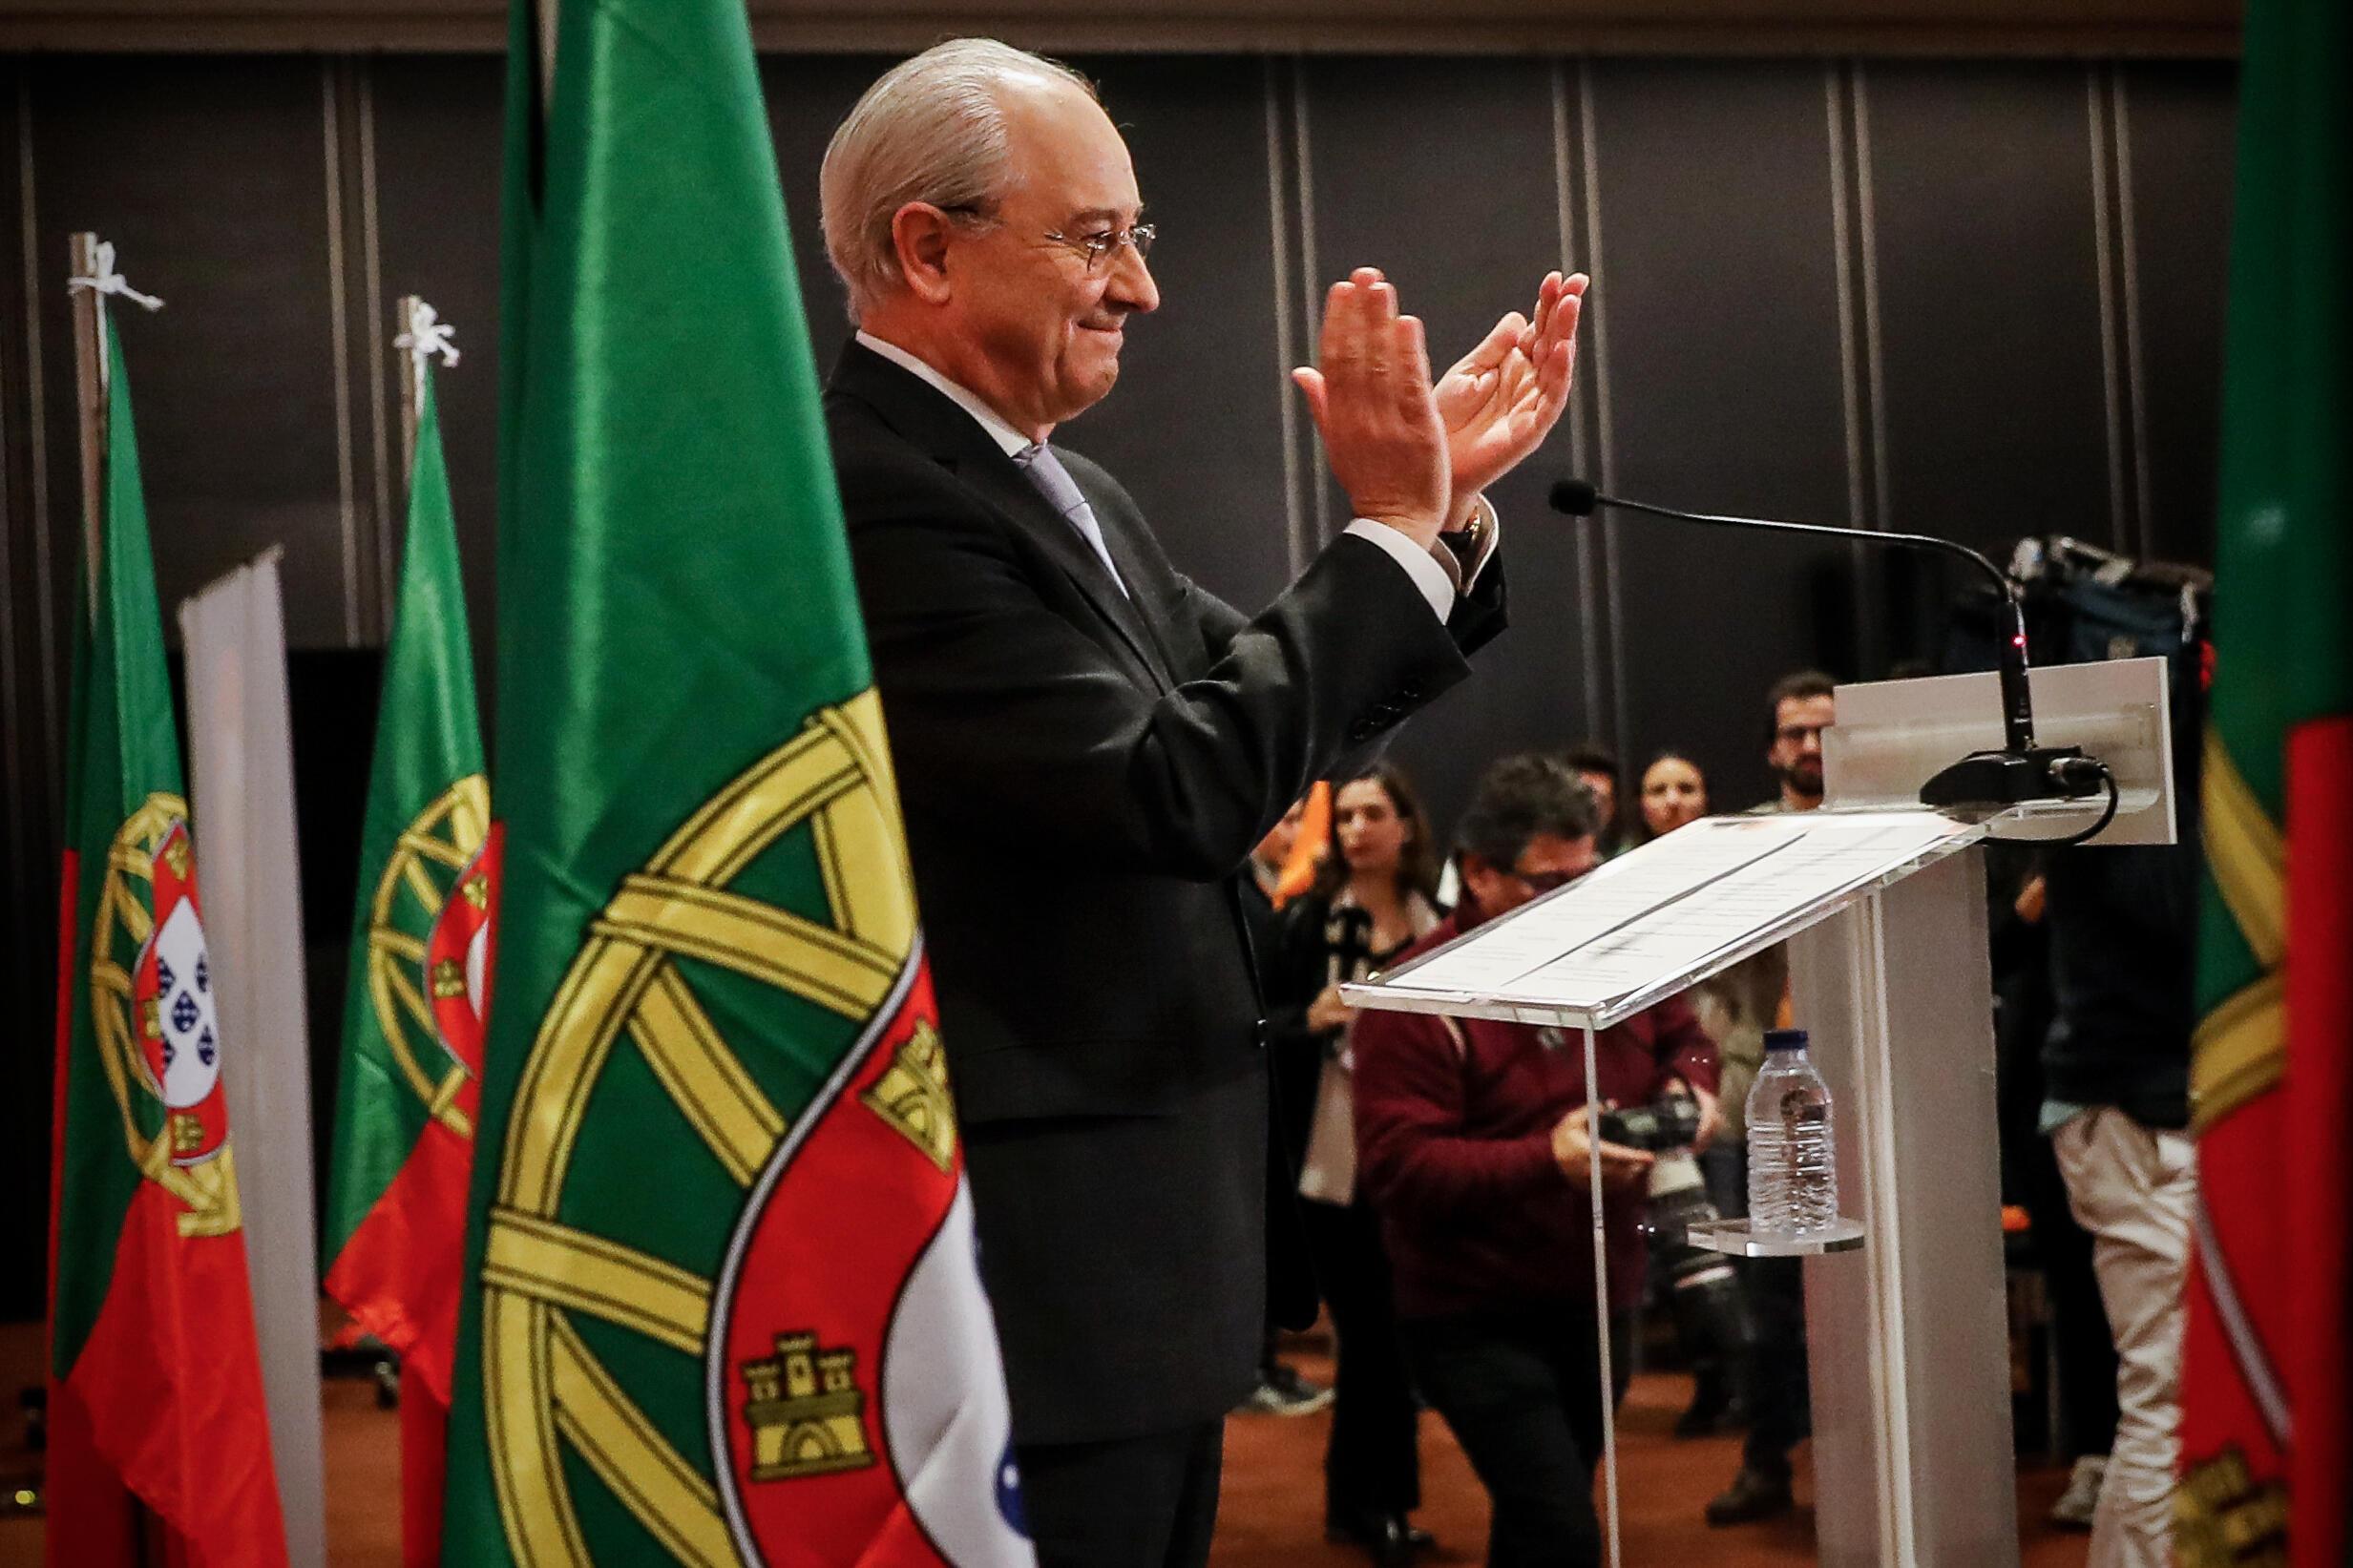 O candidato à liderança do Partido Social Democrata (PSD) e actual presidente do partido, Rui Rio. Porto, 12 de Janeiro de 2020.